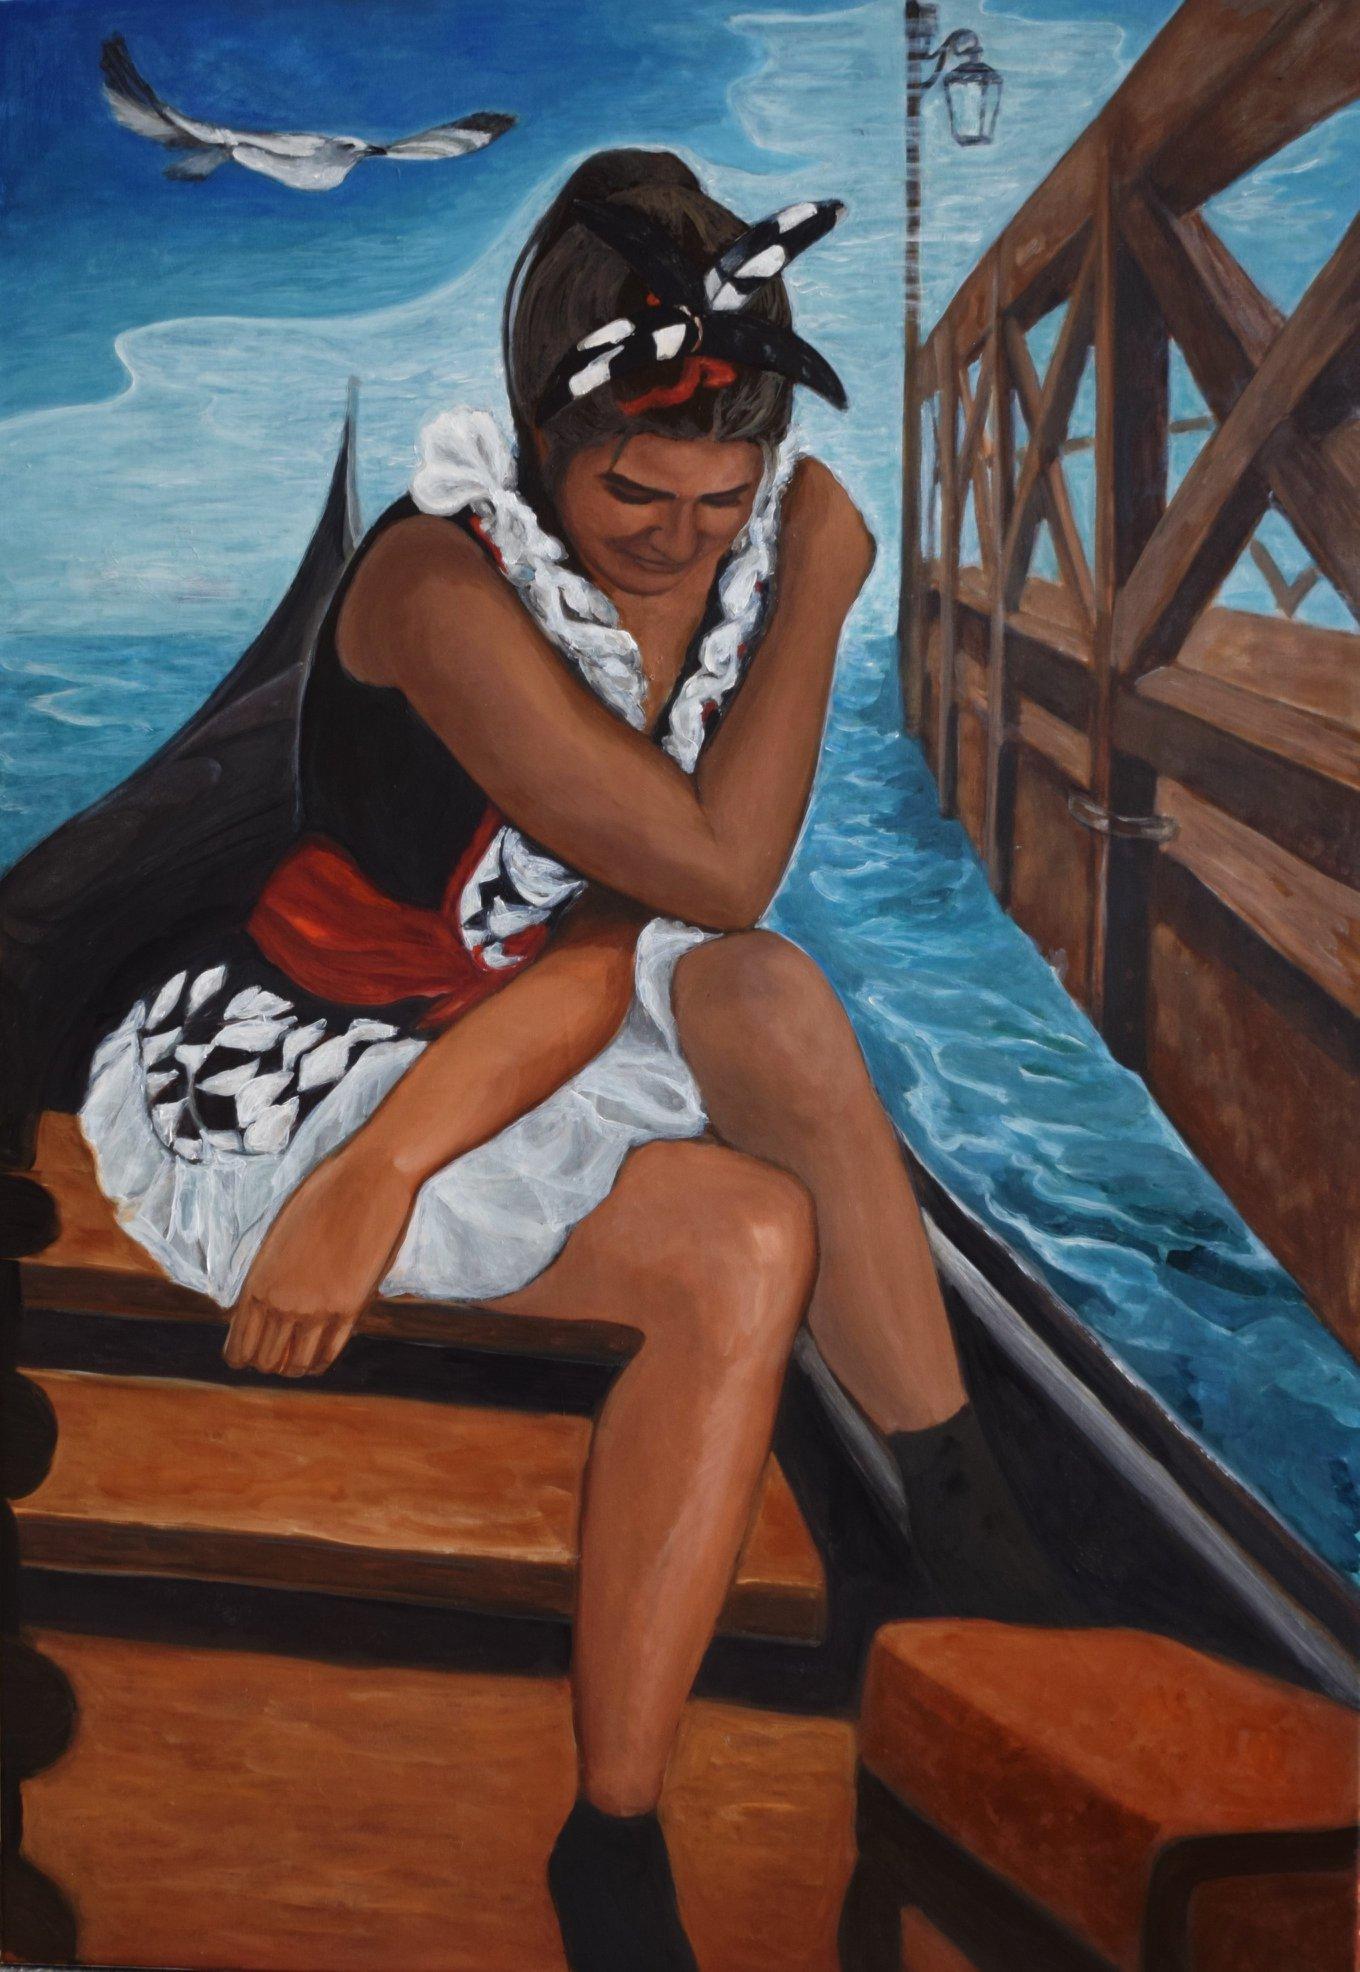 Colombina in gondola, 130 x 90 cm, 2020, Öl auf Leinwand, Tatjana Meier